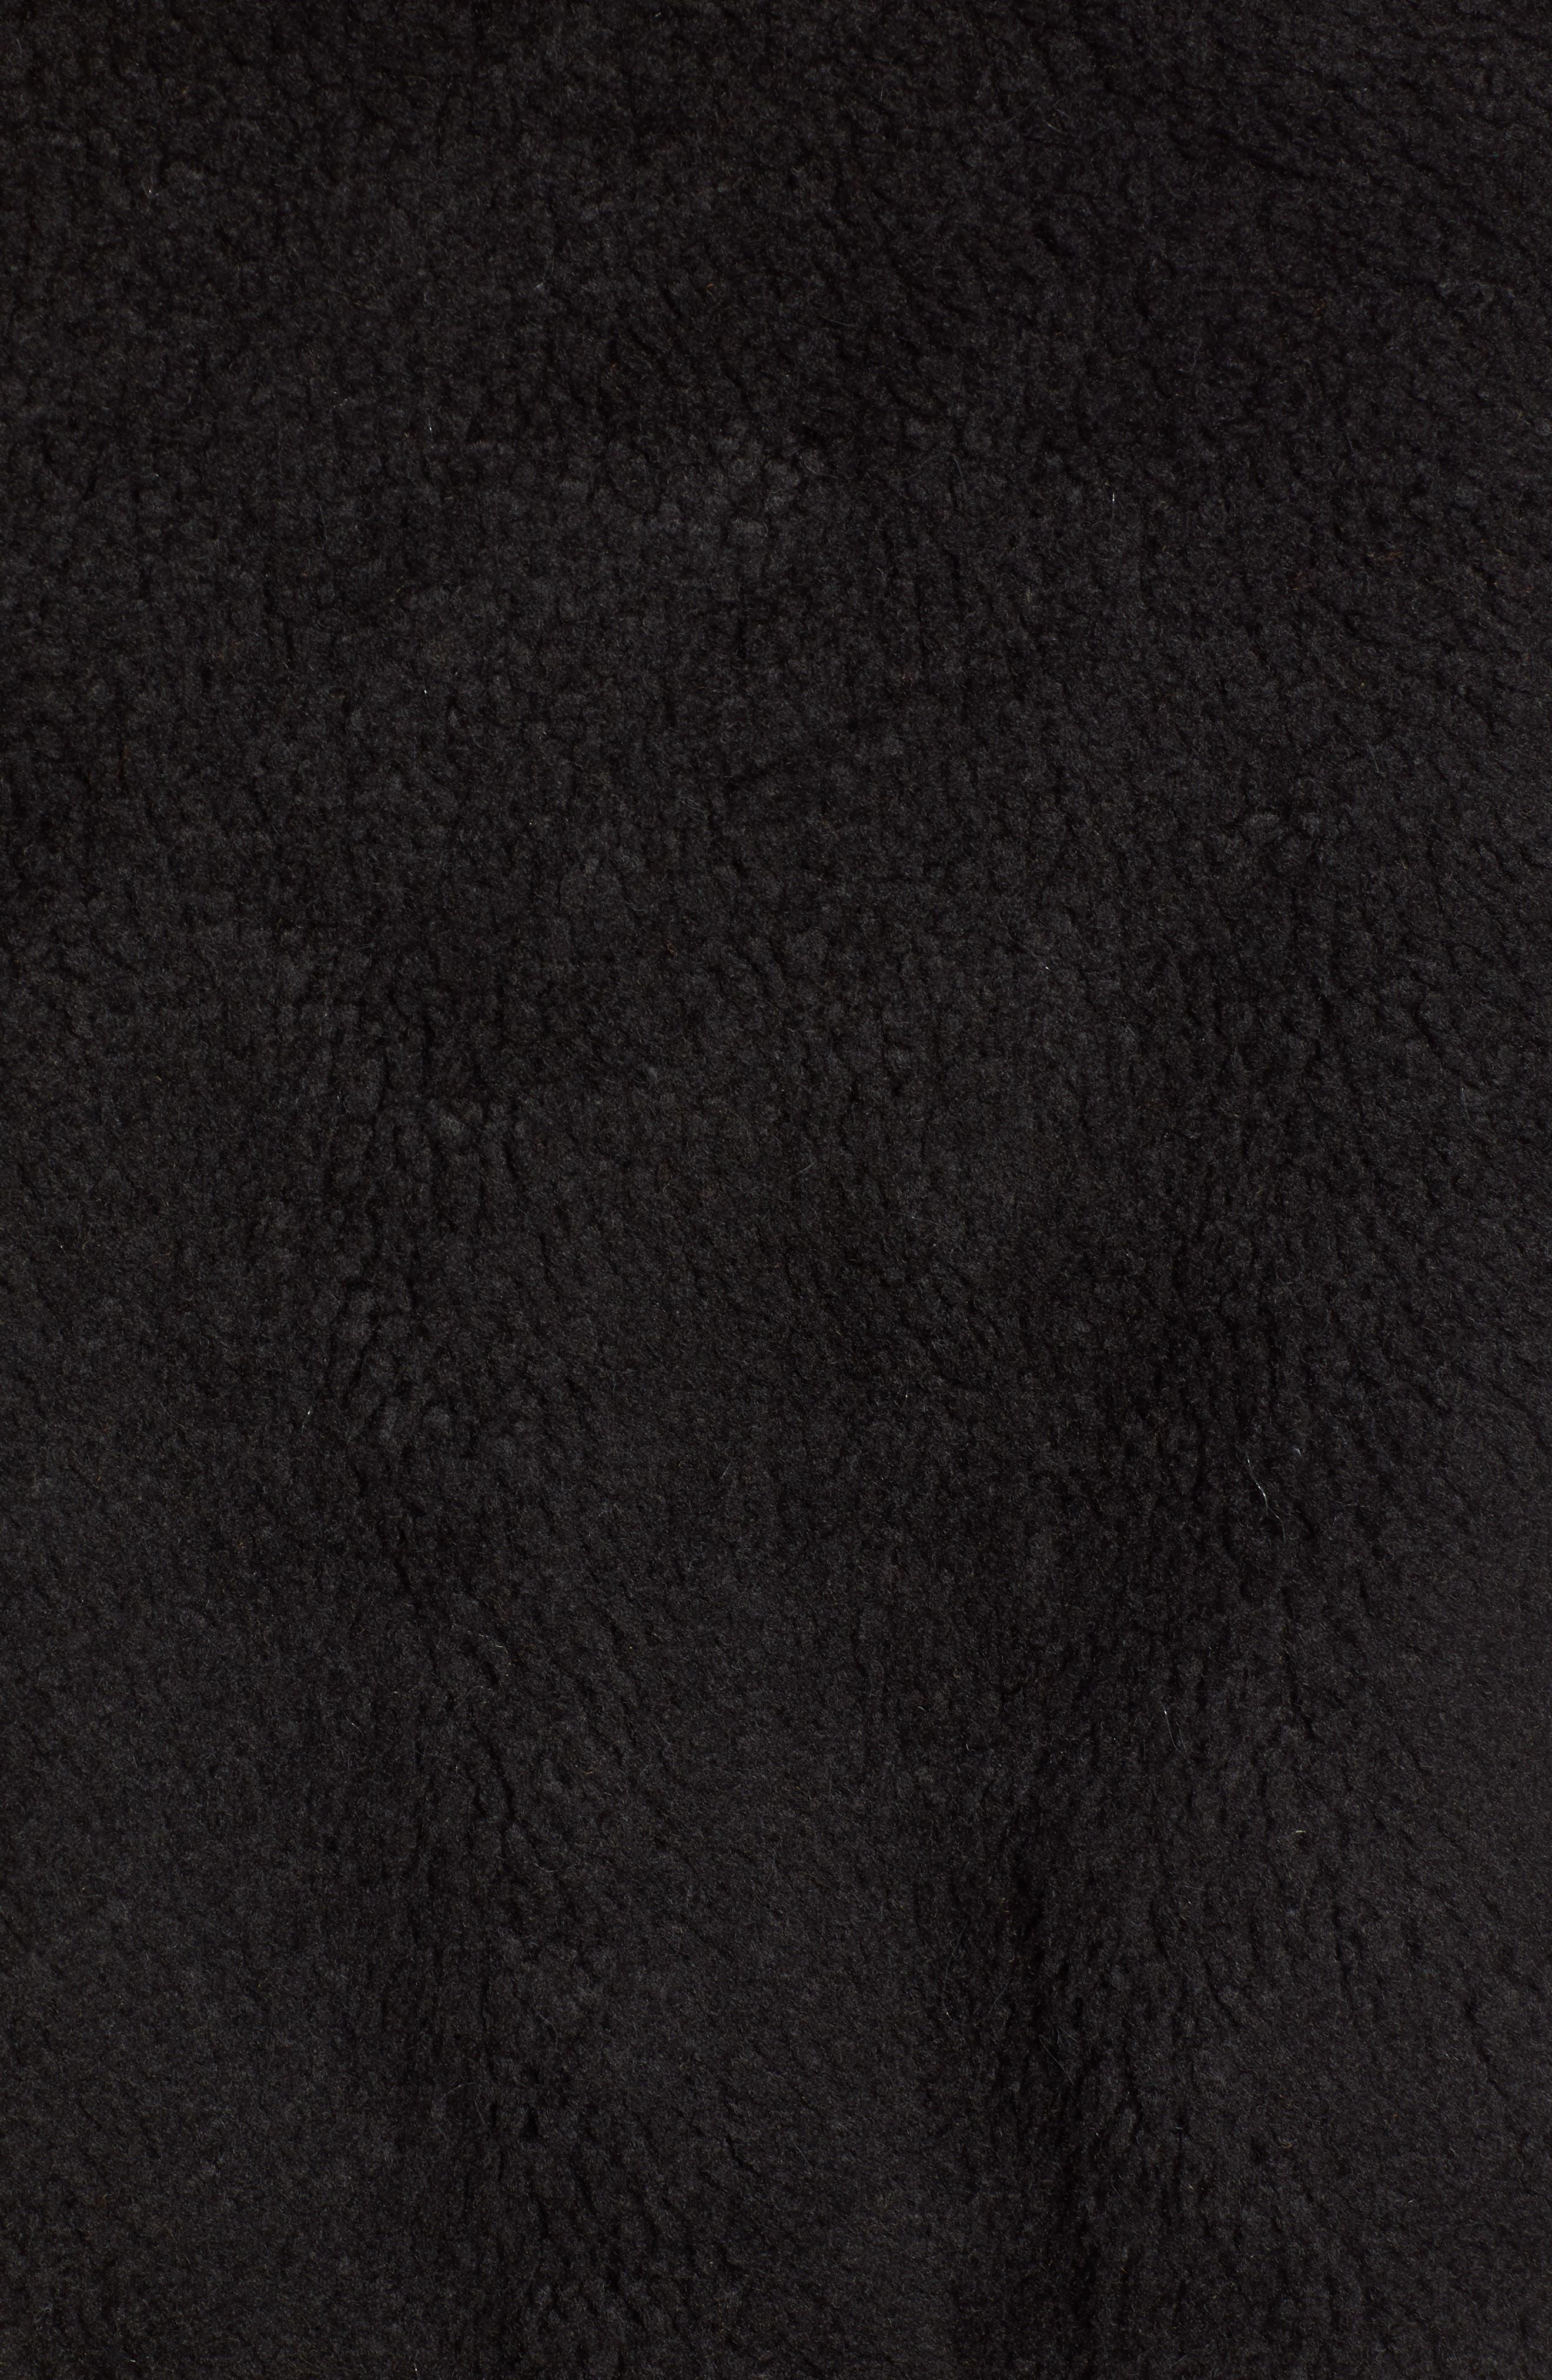 Northy Faux Fur Jacket,                             Alternate thumbnail 7, color,                             BLACK